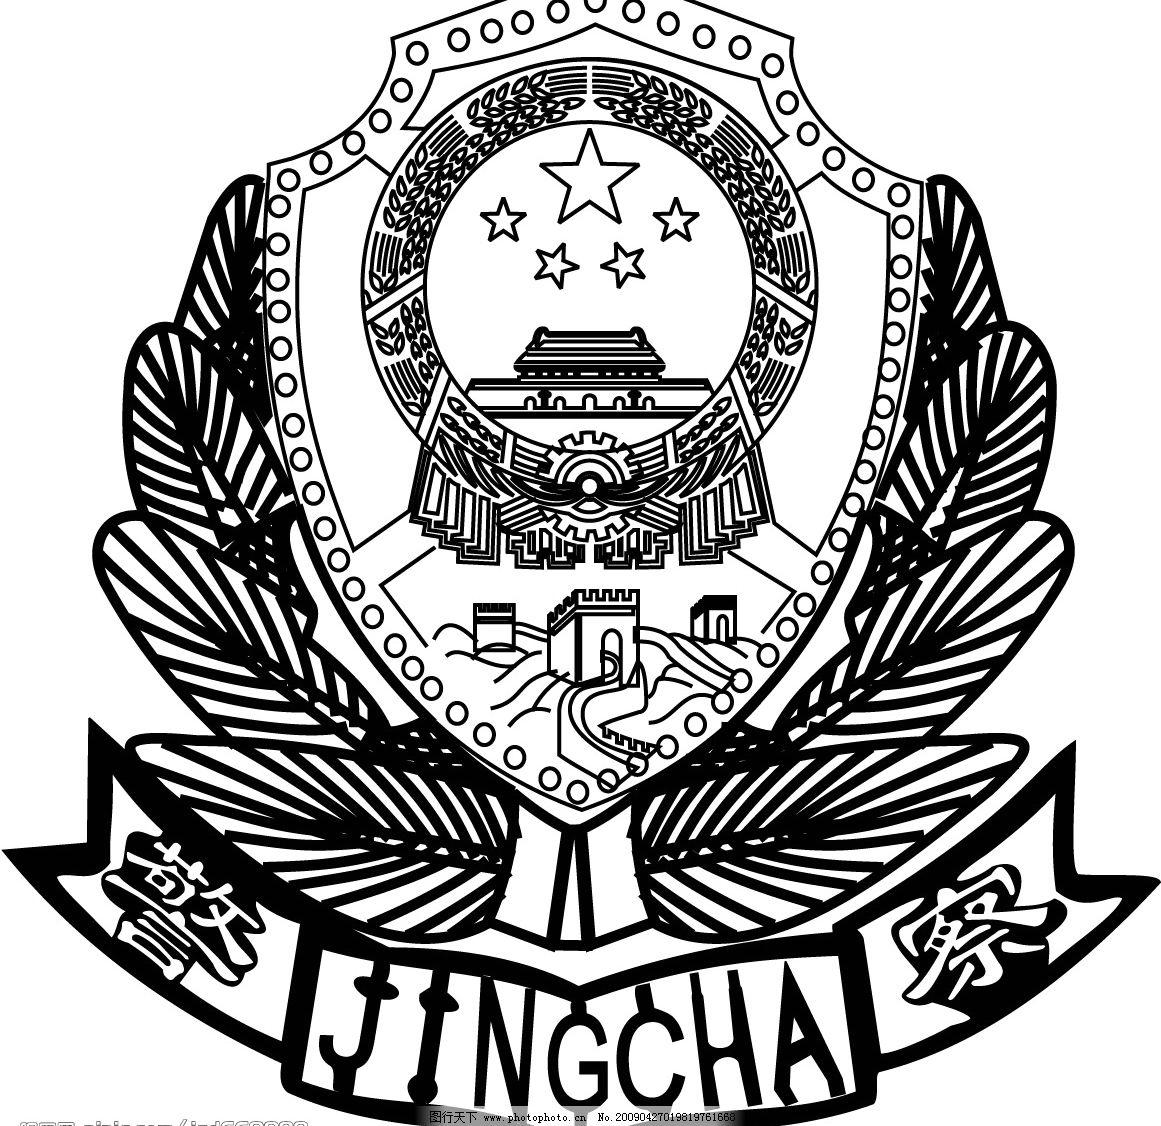 警徽 警察 标识标志图标 公共标识标志 矢量图库 cdr